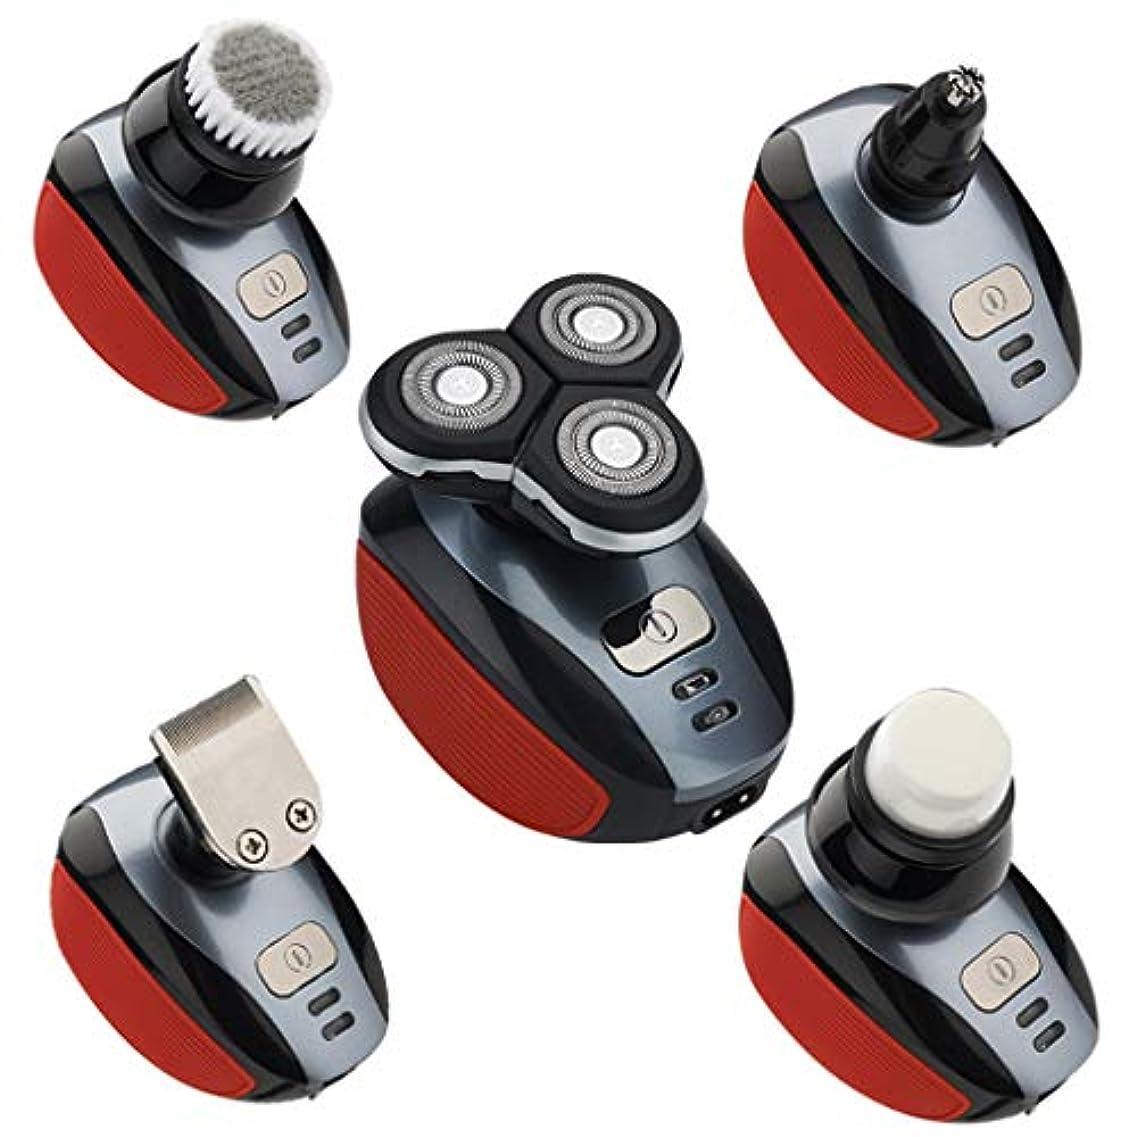 反対シンポジウム非難する電気かみそり、メンズUSB充電コードレスひげトリマー、防水/ベニヤデザイン、多機能バリカン/鼻毛トリム